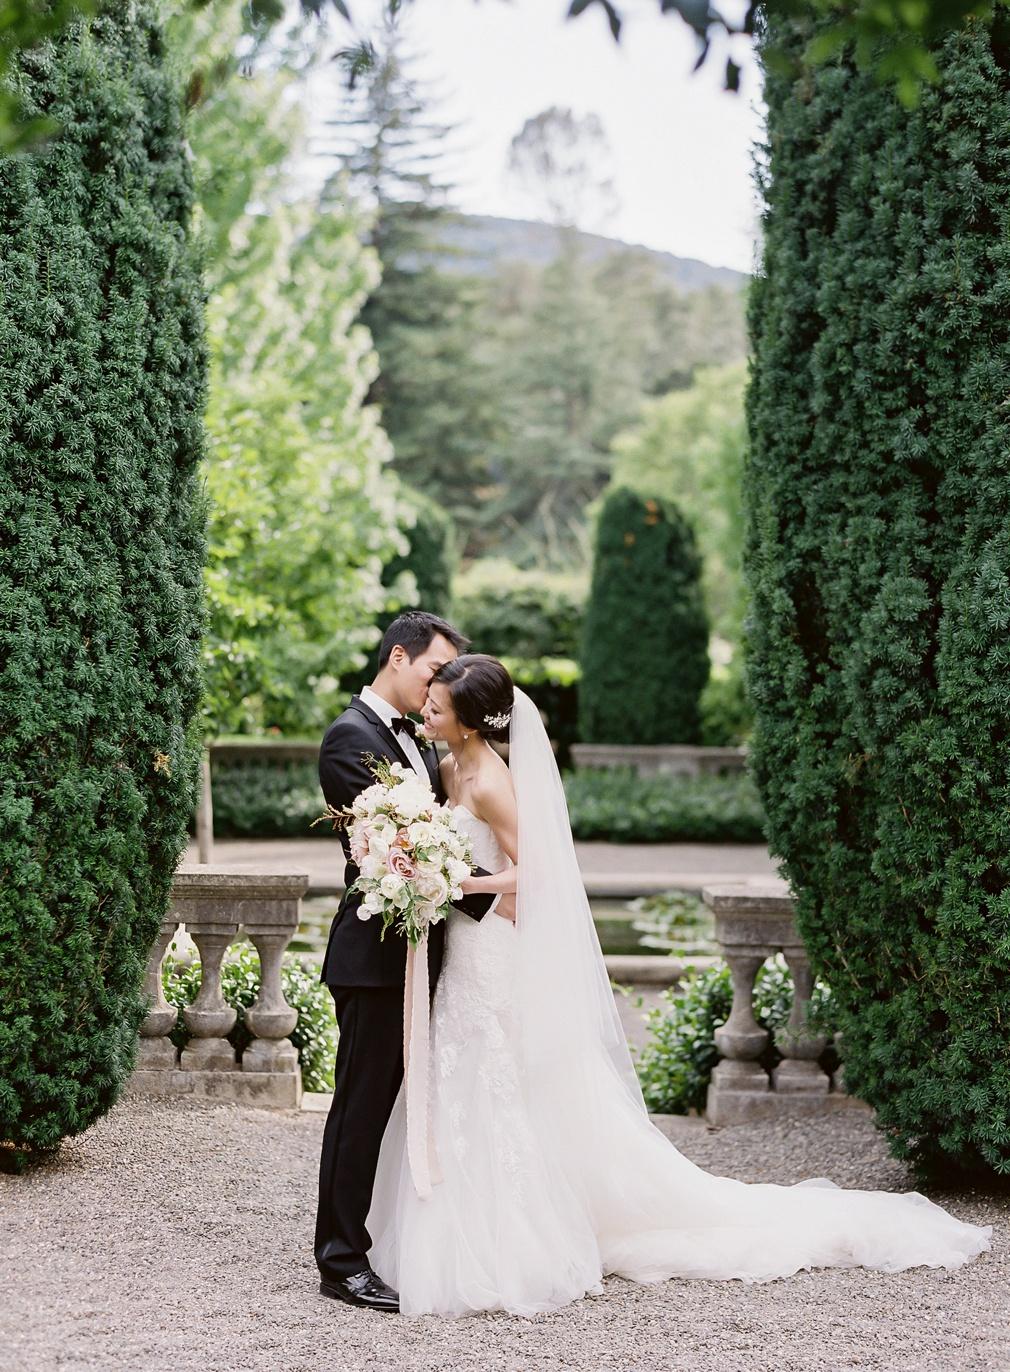 Vicki_Grafton_Photography_beaulieu_gardens+6-24-17-641.JPG